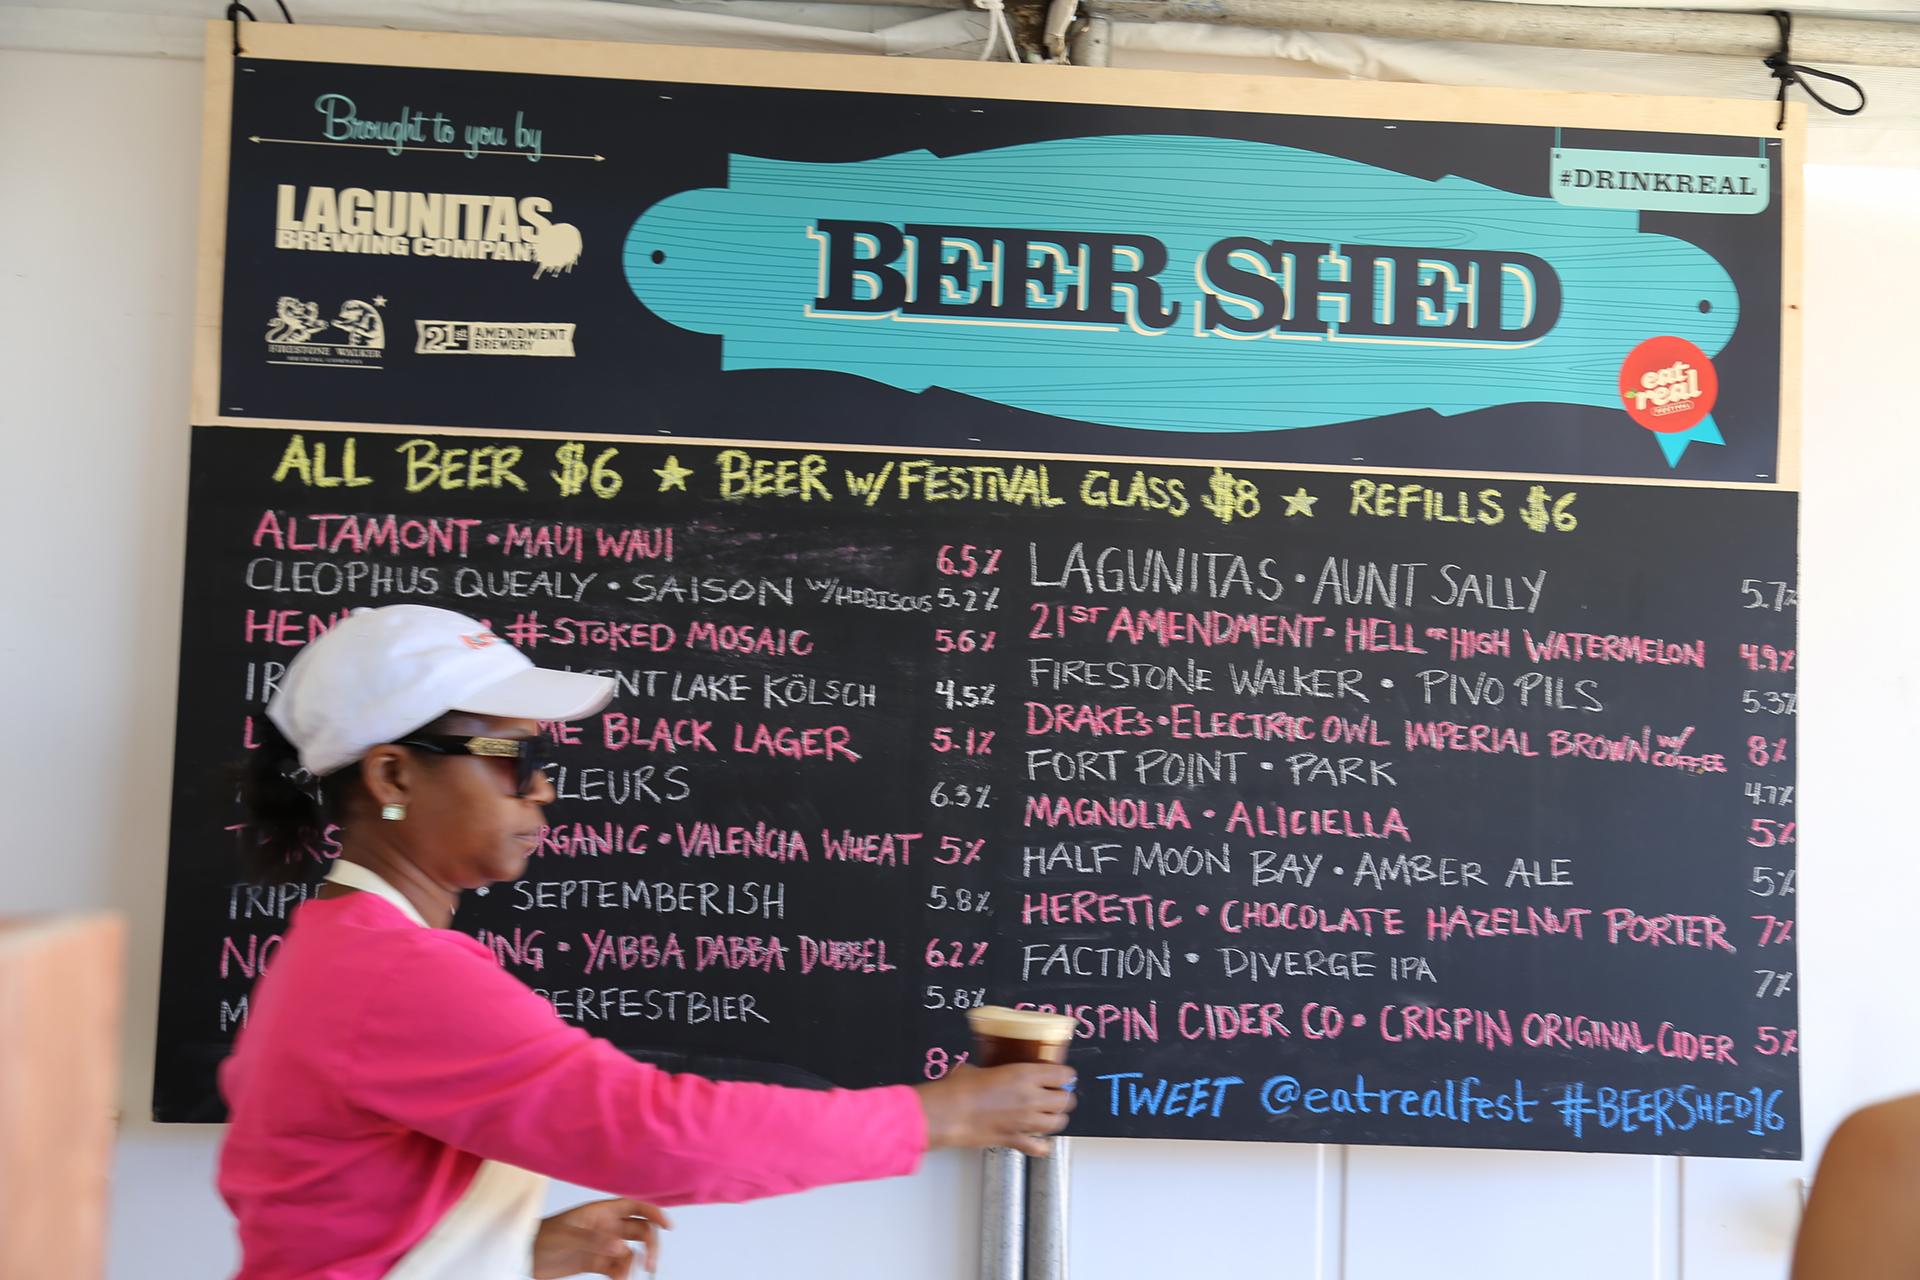 Beer Shed